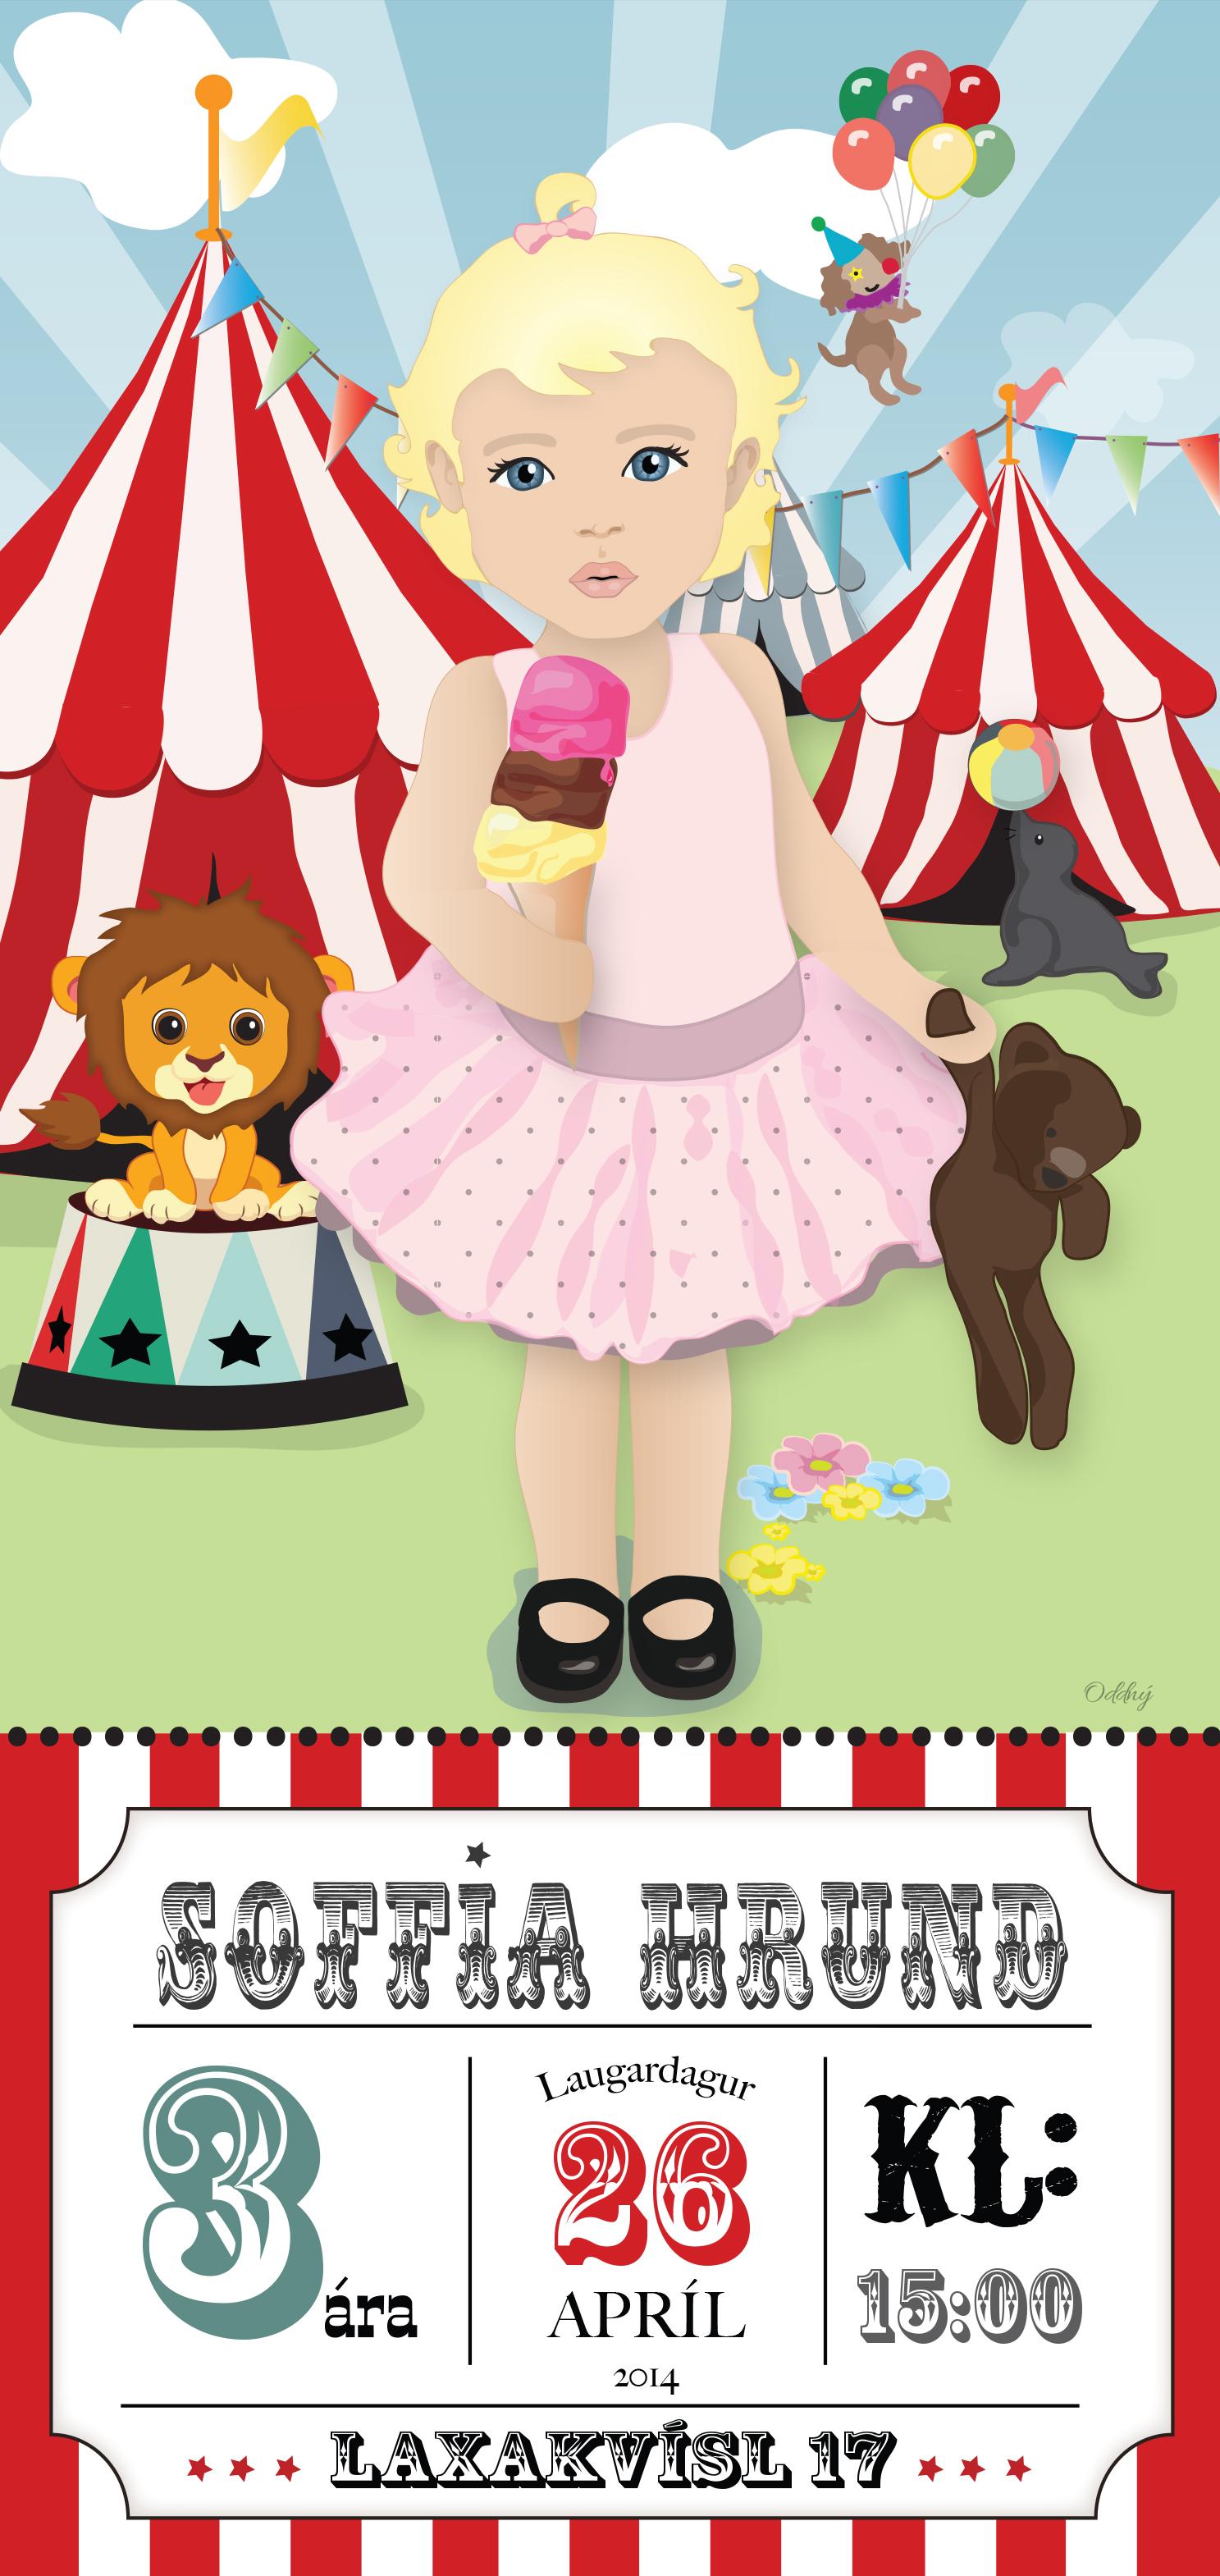 sirkus-stelpa.jpg